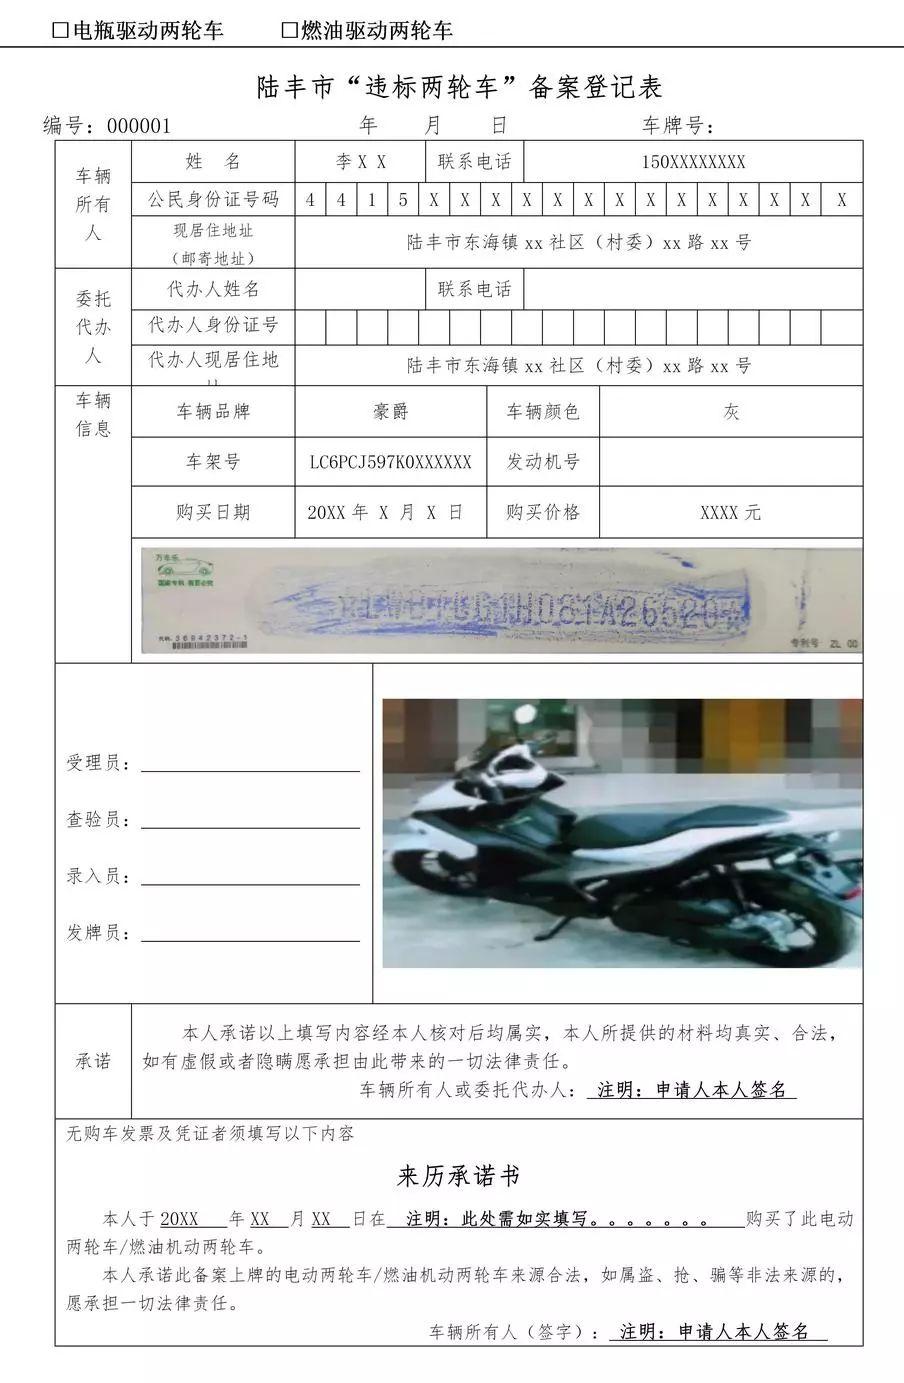 陆丰摩托车、电动车备案登记开始 12月31日截止 陆丰新闻 第5张